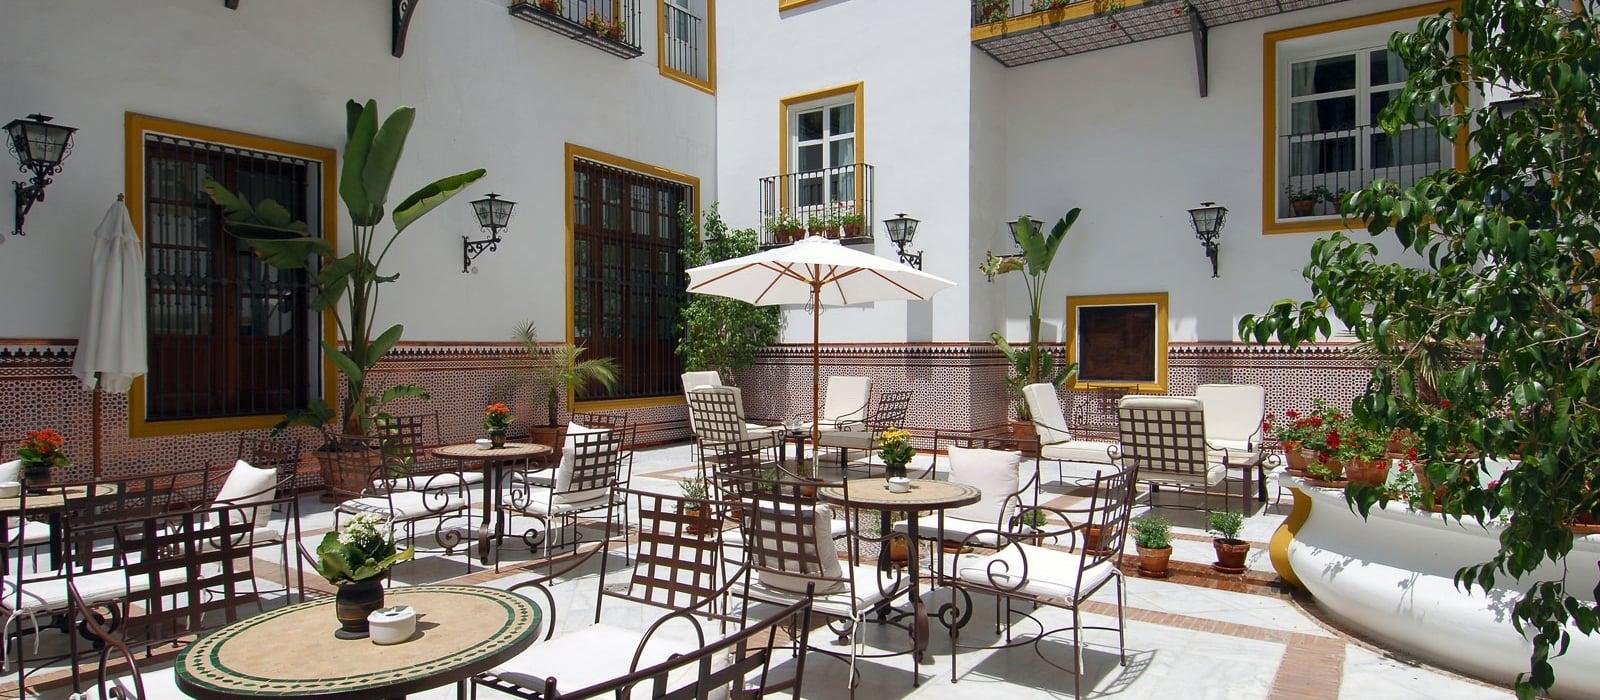 Los Patios Hotel Sevilla La Rábida - Vincci Hoteles